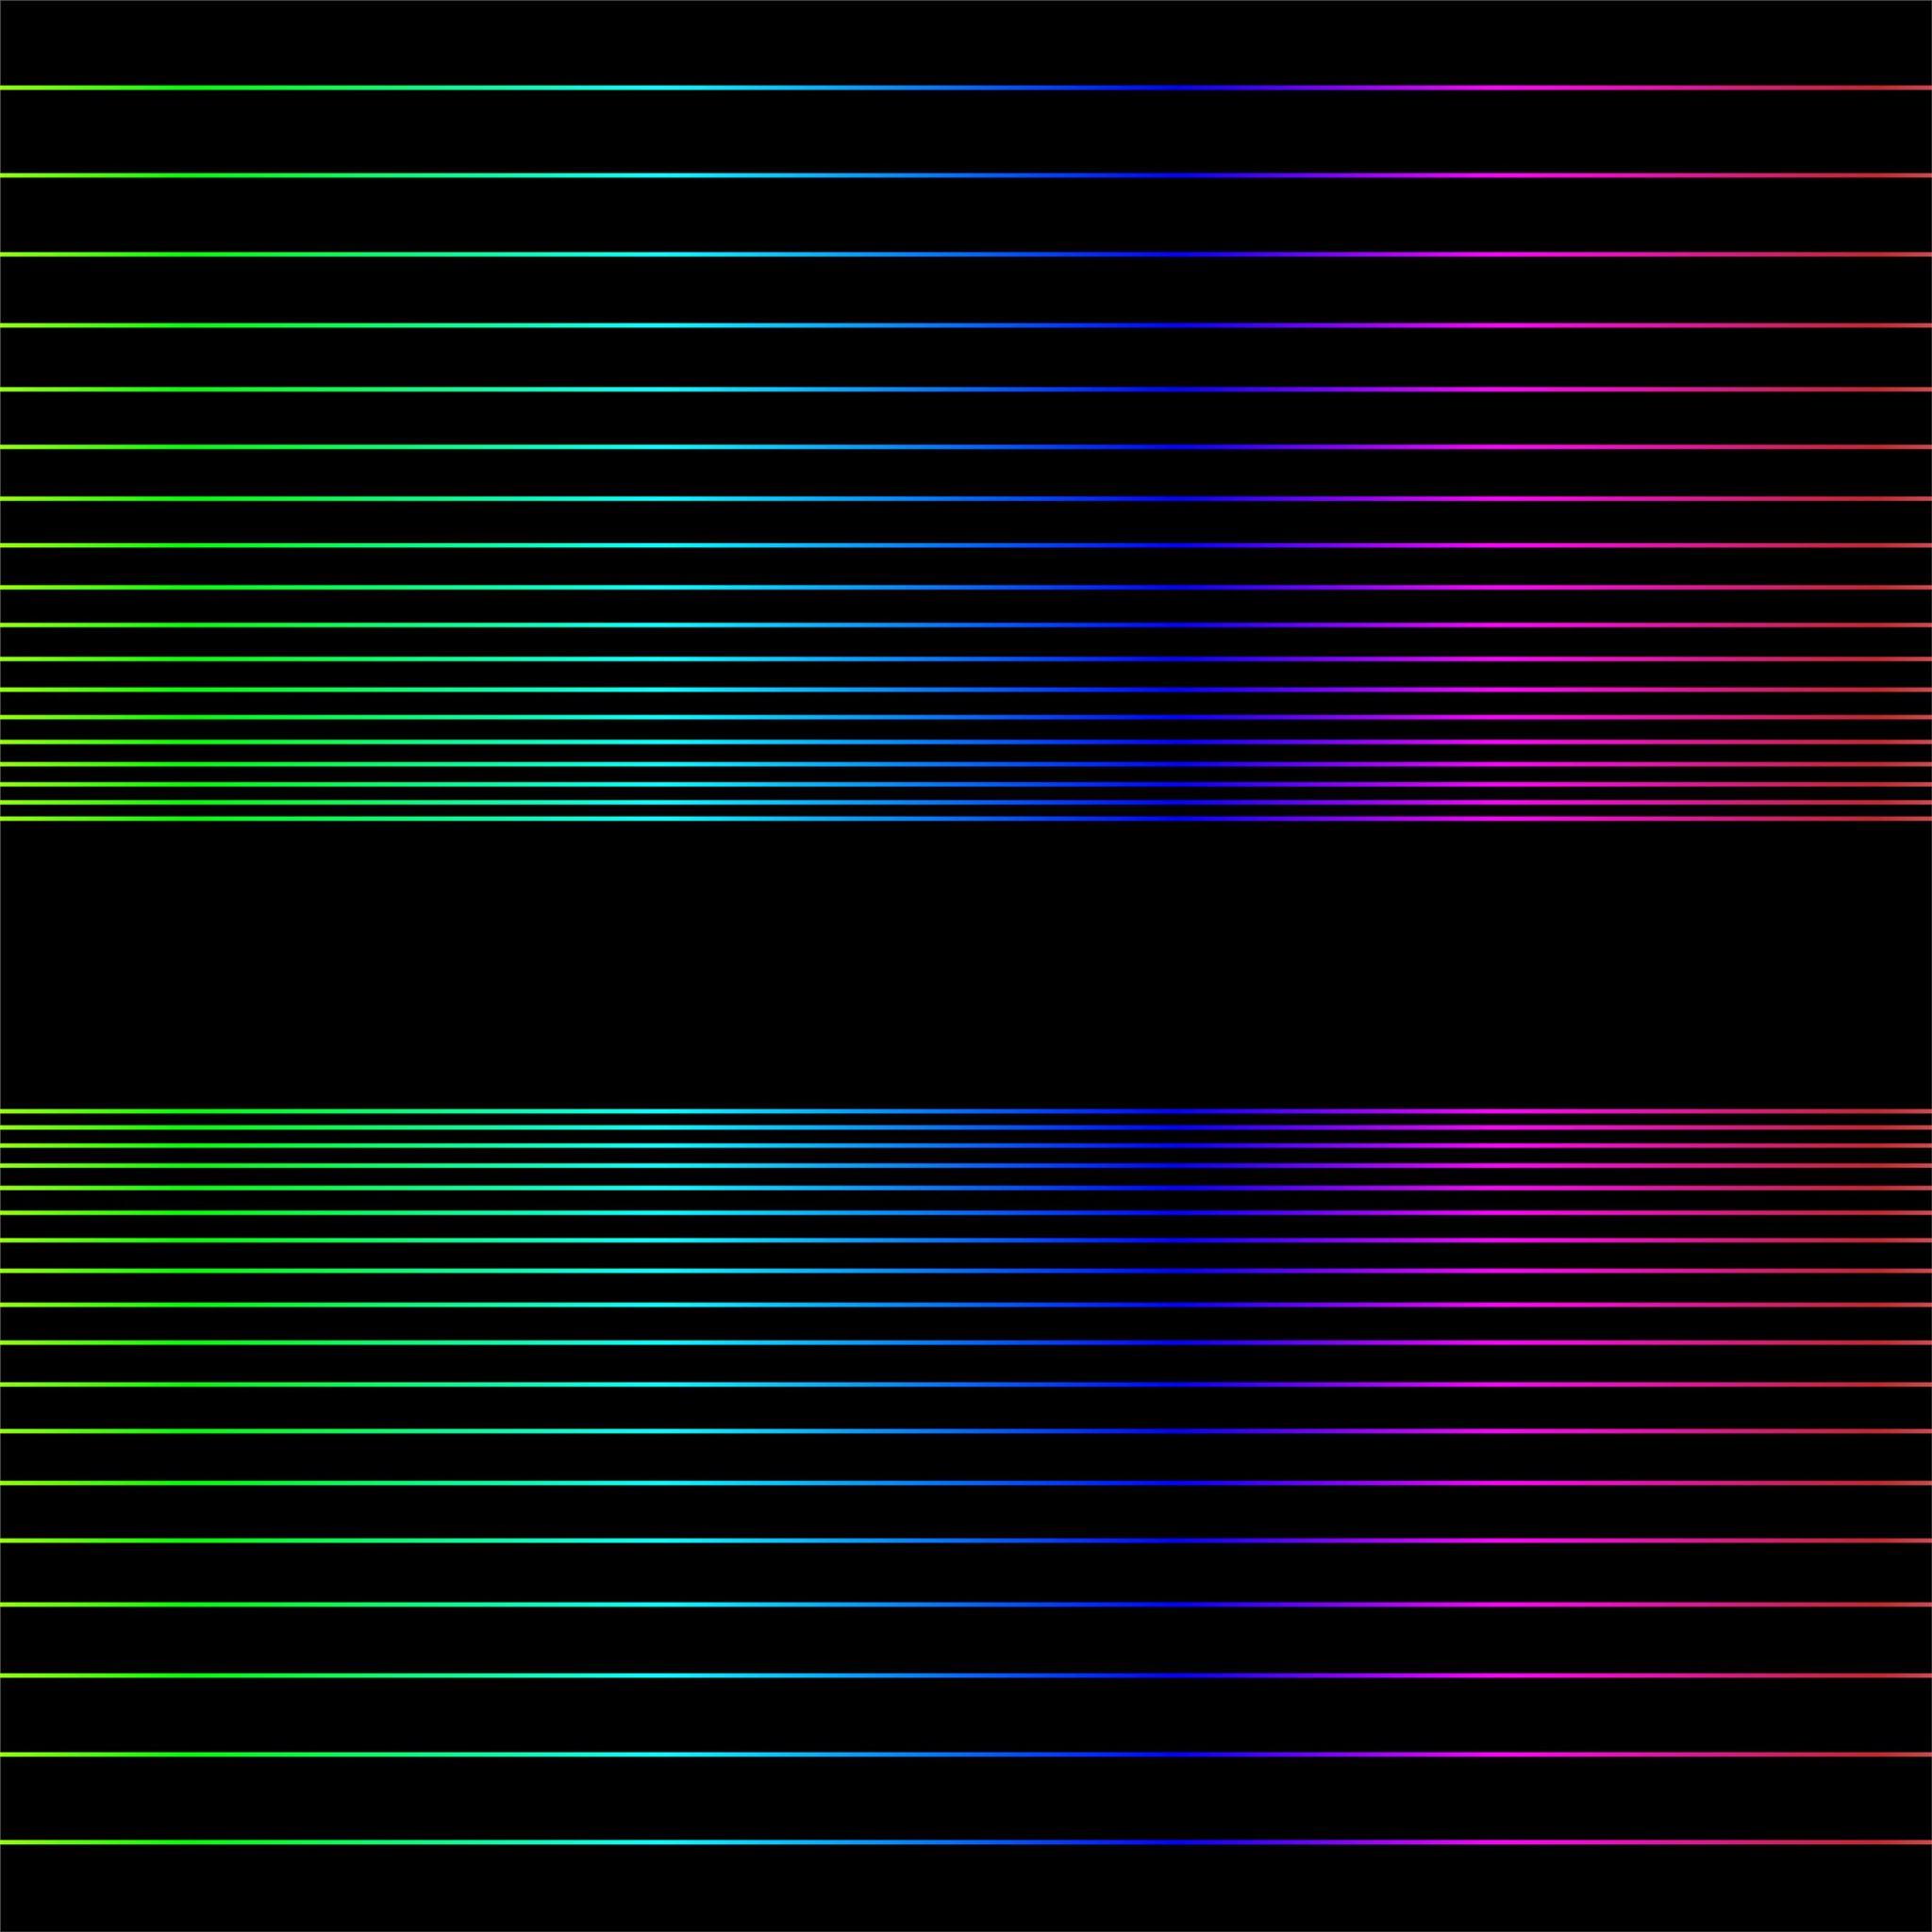 Best Retrowave Ipad Air Wallpapers Hd Ilikewallpaper